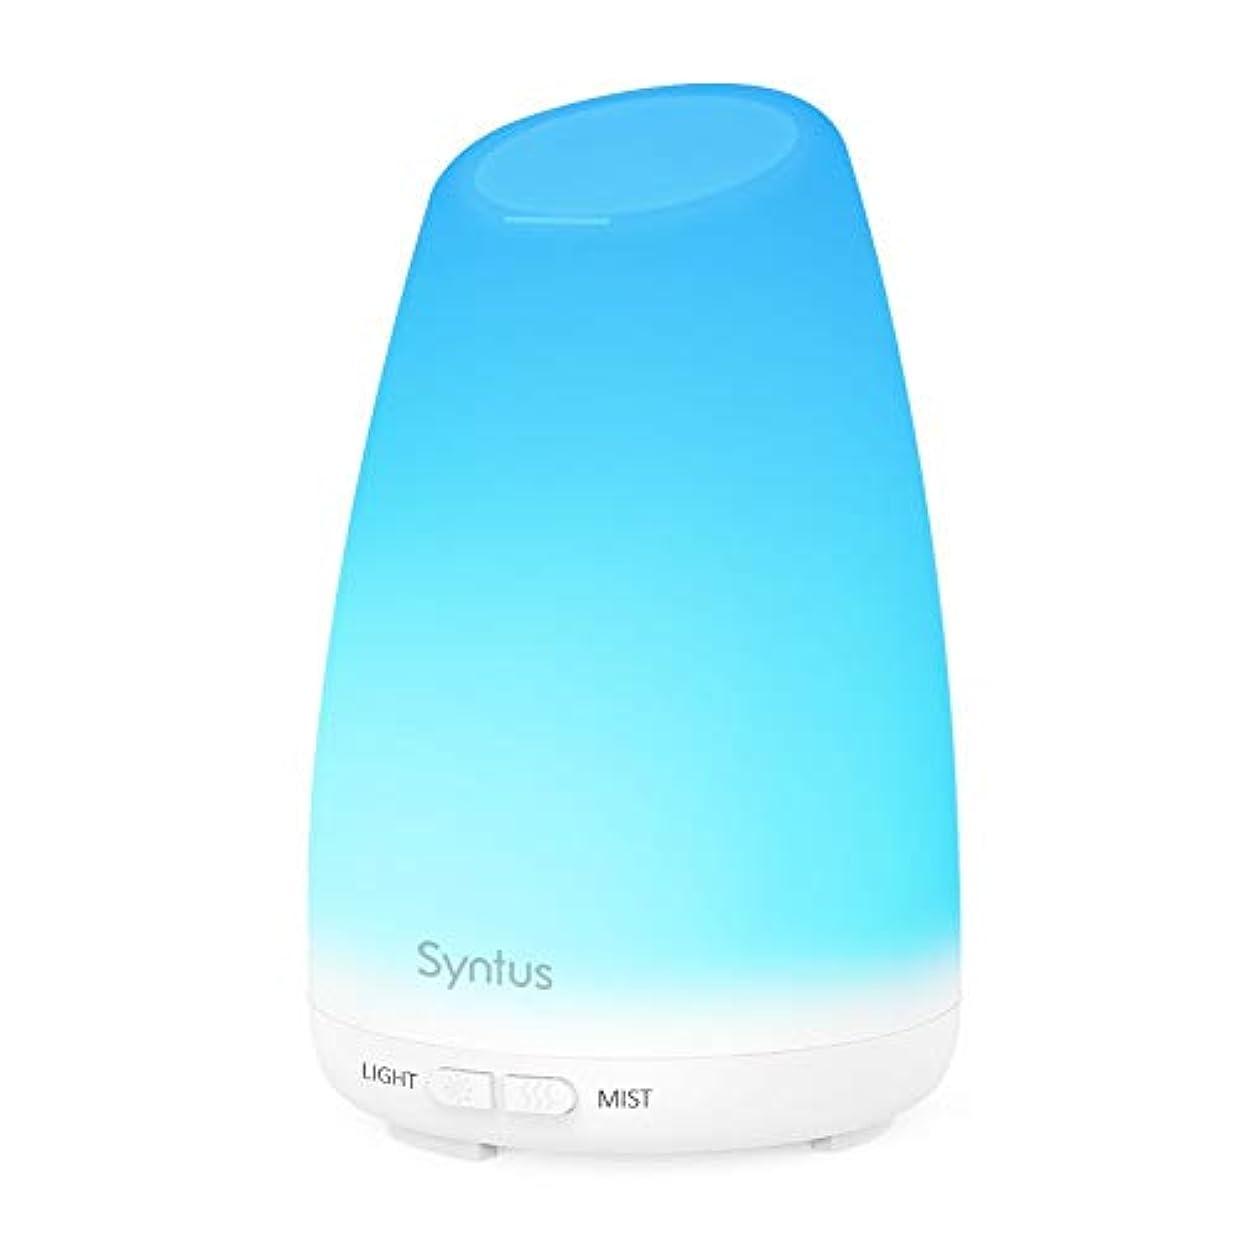 既にニックネーム自体Syntus 150ml エッセンシャルオイルディフューザー ポータブル超音波式アロマセラピーディフューザー 7色に変わるLEDライト 変更可能なミストモード 水切れ自動停止機能